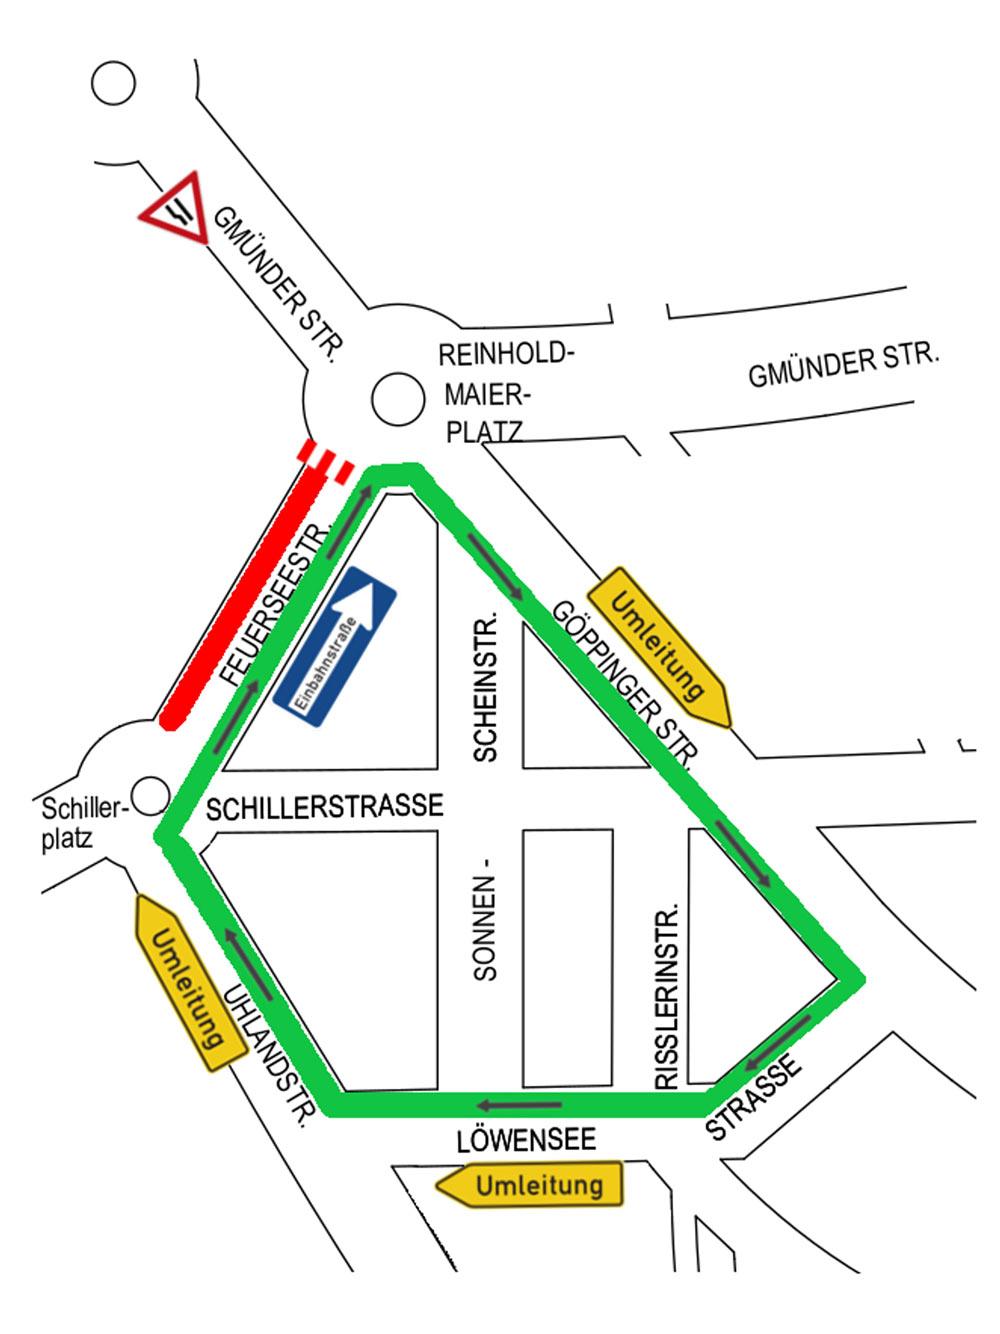 Bauphase 1: Vom 22. Januar für etwa vier Wochen ist die Feuerseestraße vom Reinhold-Meier-Platz Richtung Schillerplatz gesperrt. Die Umleitung erfolgt vom Reinhold-Meier-Platz über die Göppinger-, Löwensee- und Uhlandstraße zum Schillerplatz. Frei für den